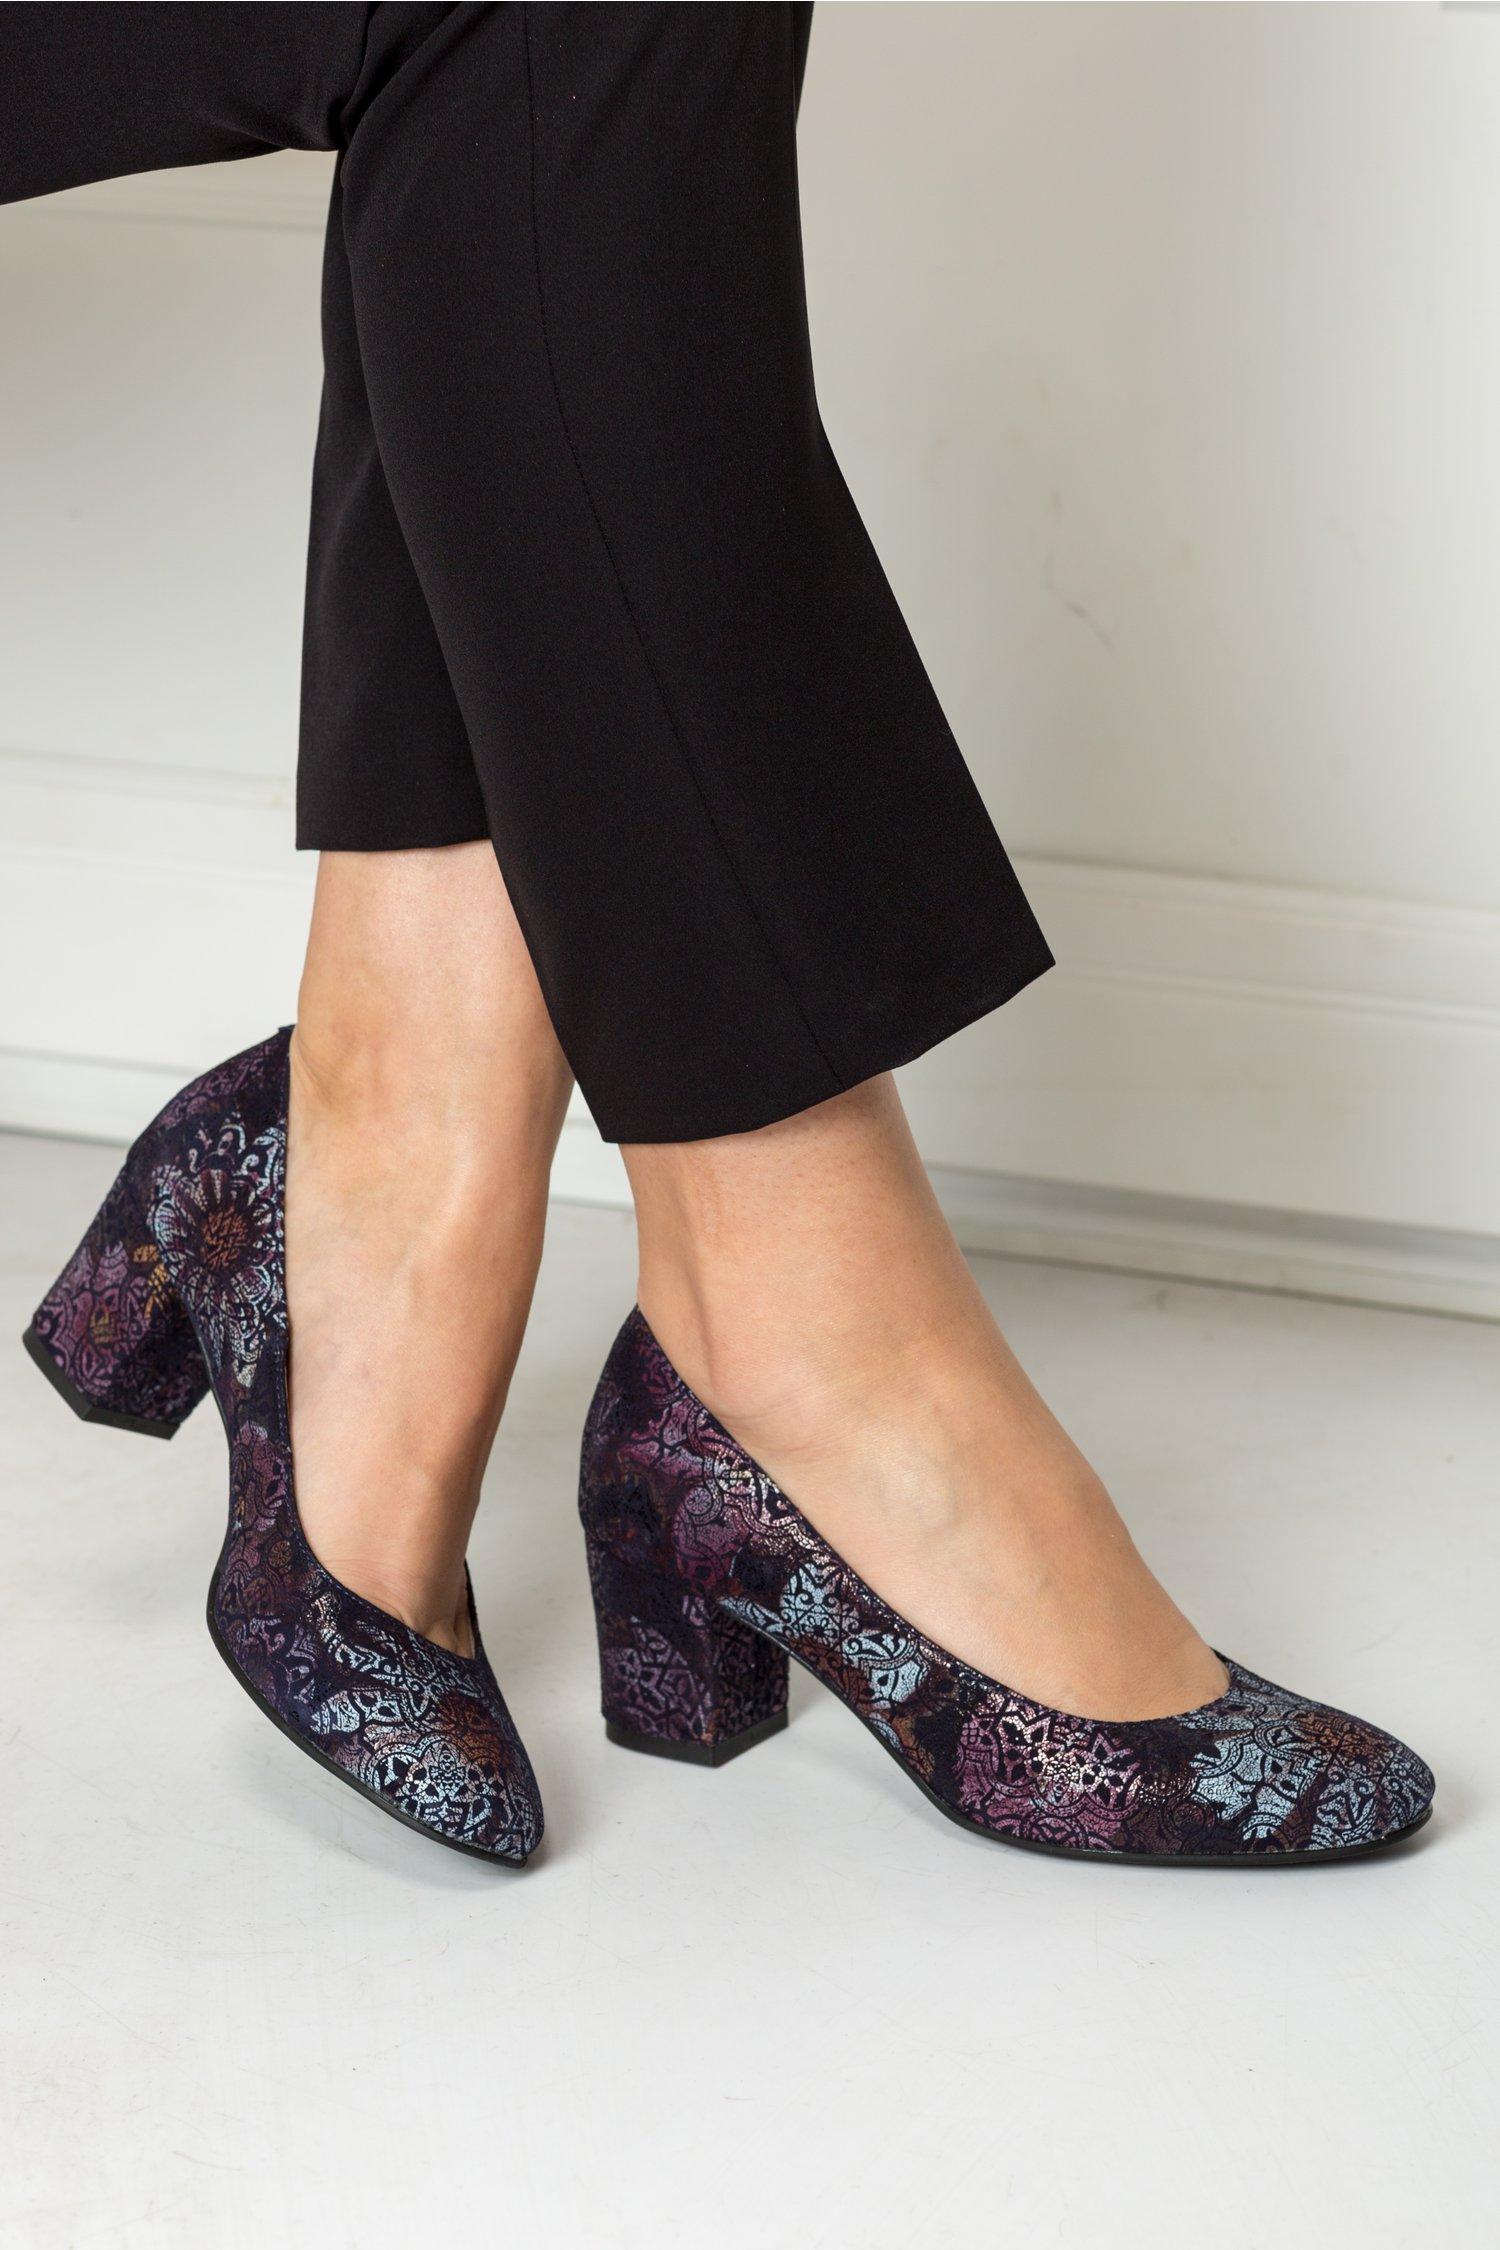 Pantofi Delicia bleumarin cu imprimeu baroc lila, colectia 2018